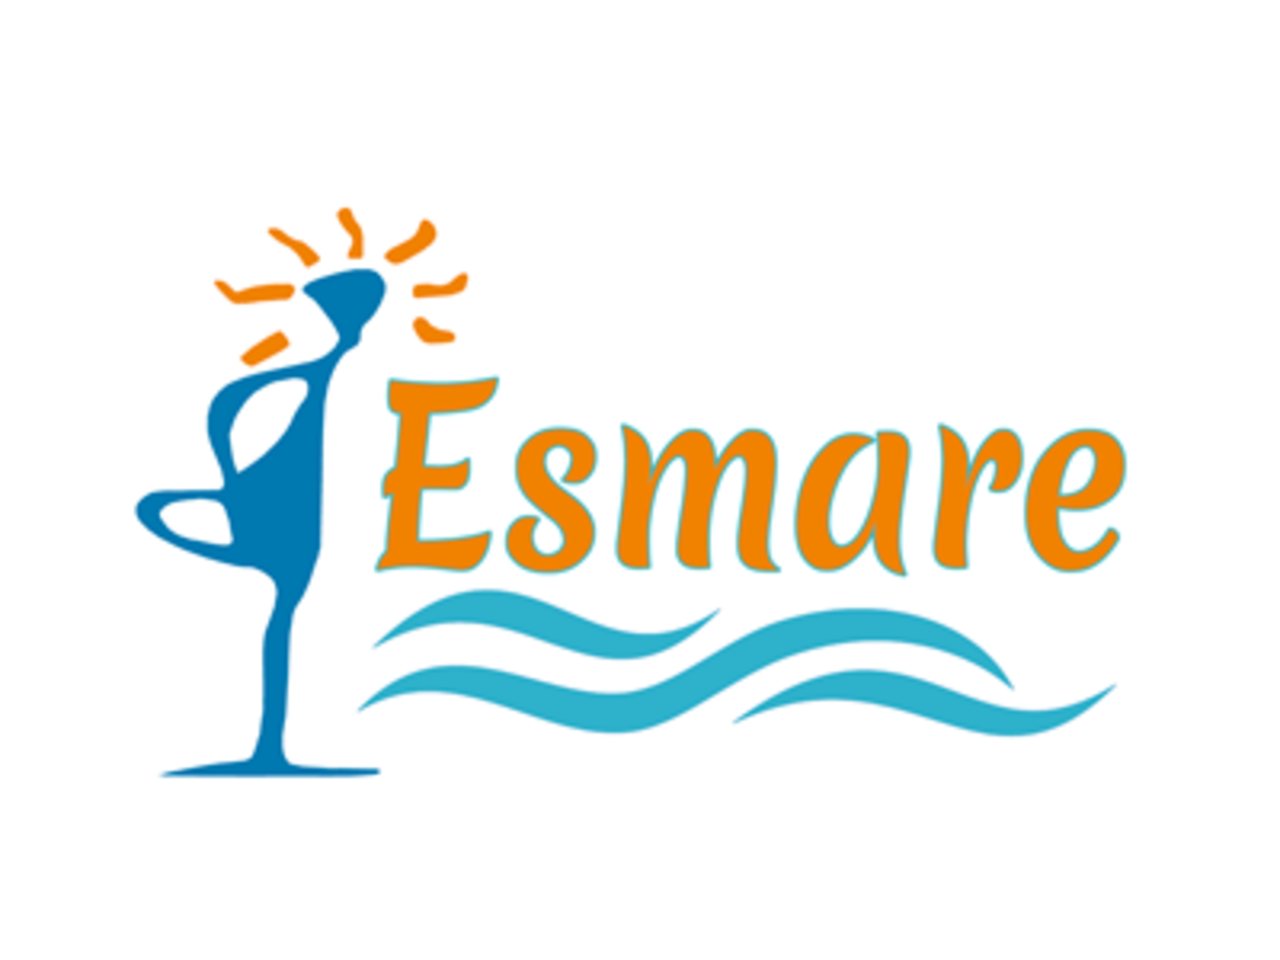 Esmare Turkey sinds 2001